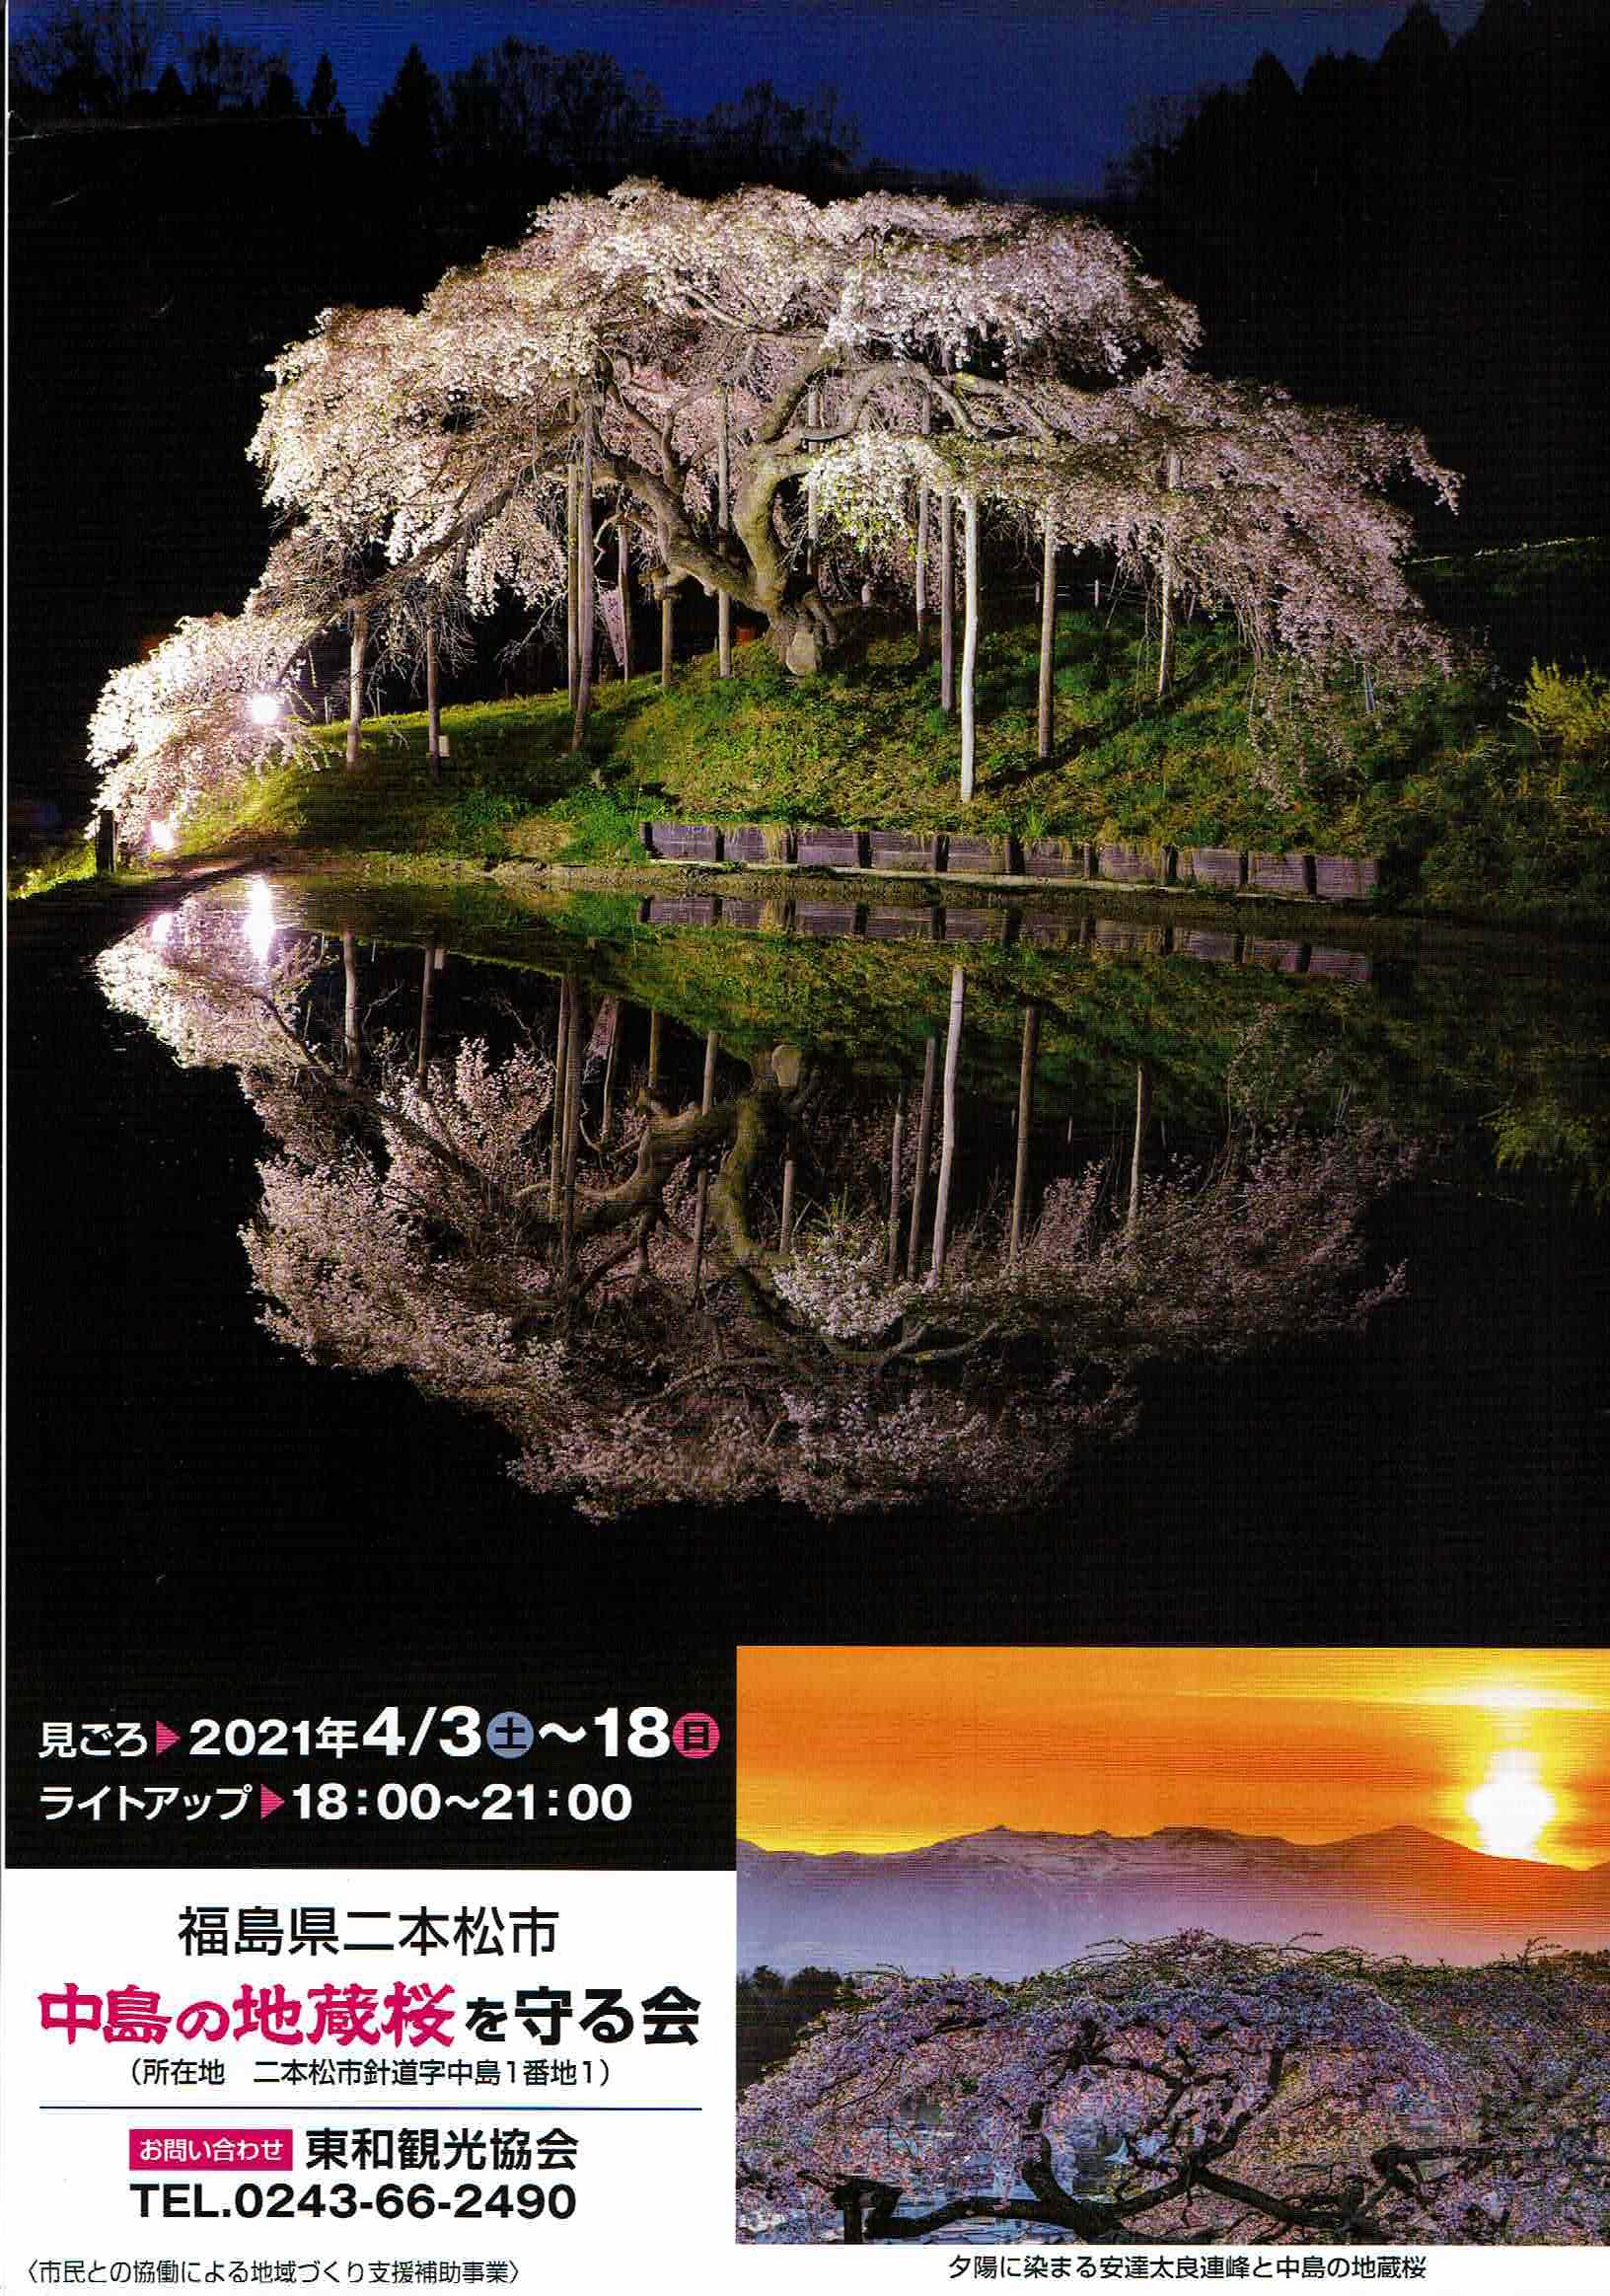 中島の地蔵桜がライトアップされます!